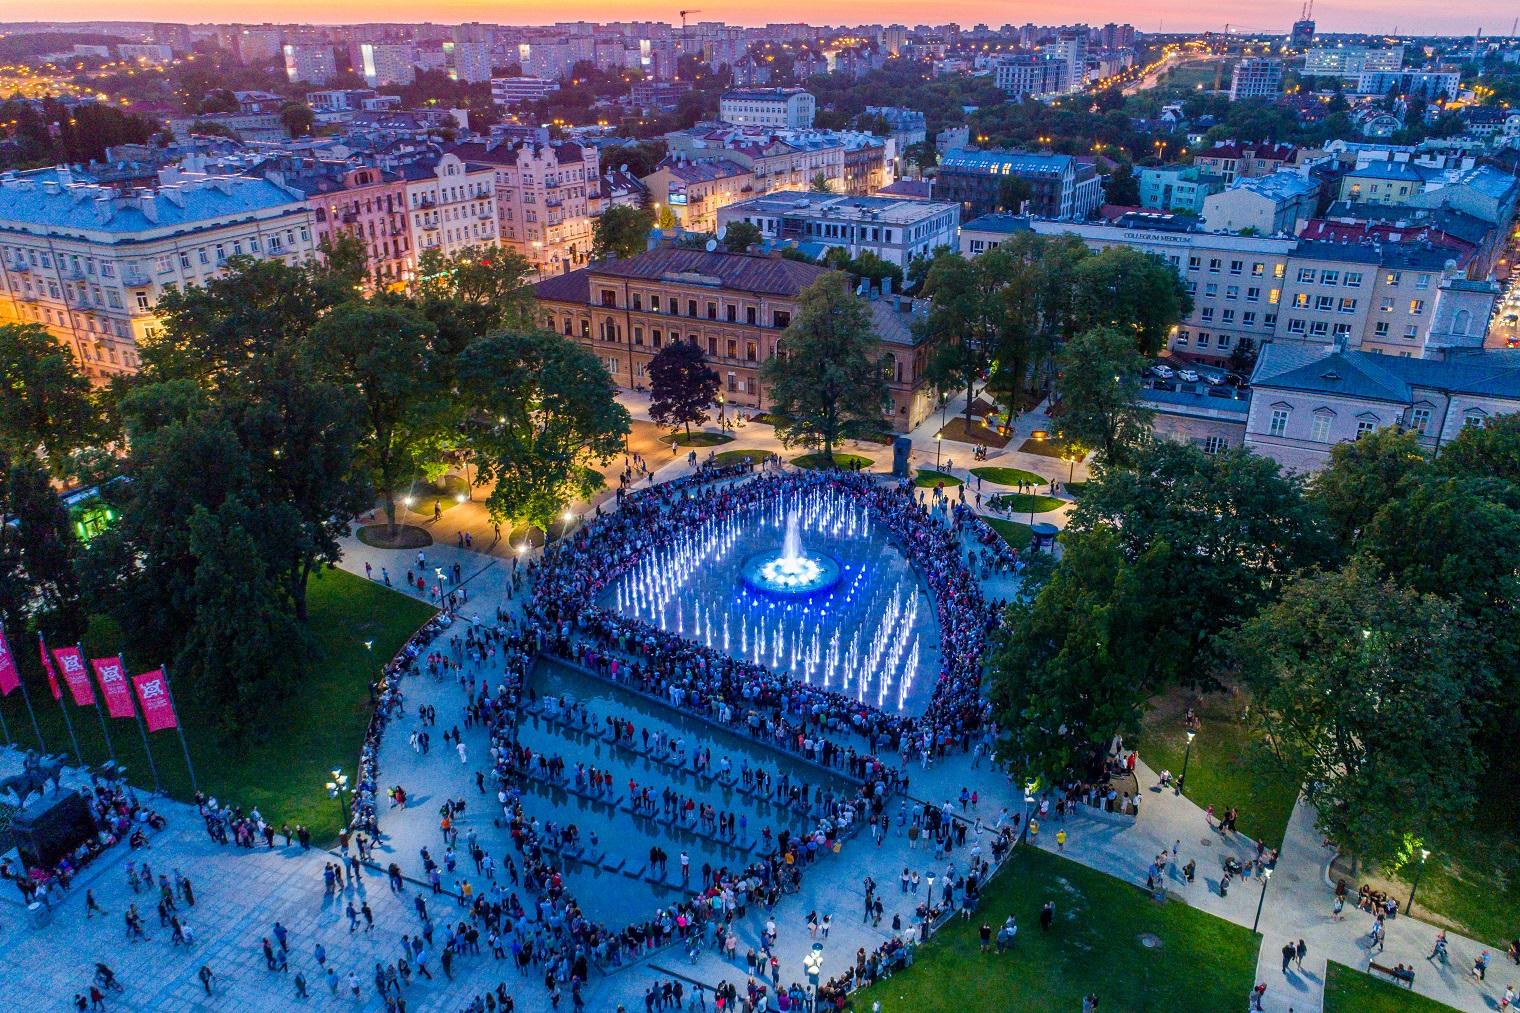 Lublin: wracają pokazy na fontannie multimedialnej na Placu Litewskim. Znamy harmonogram - Zdjęcie główne